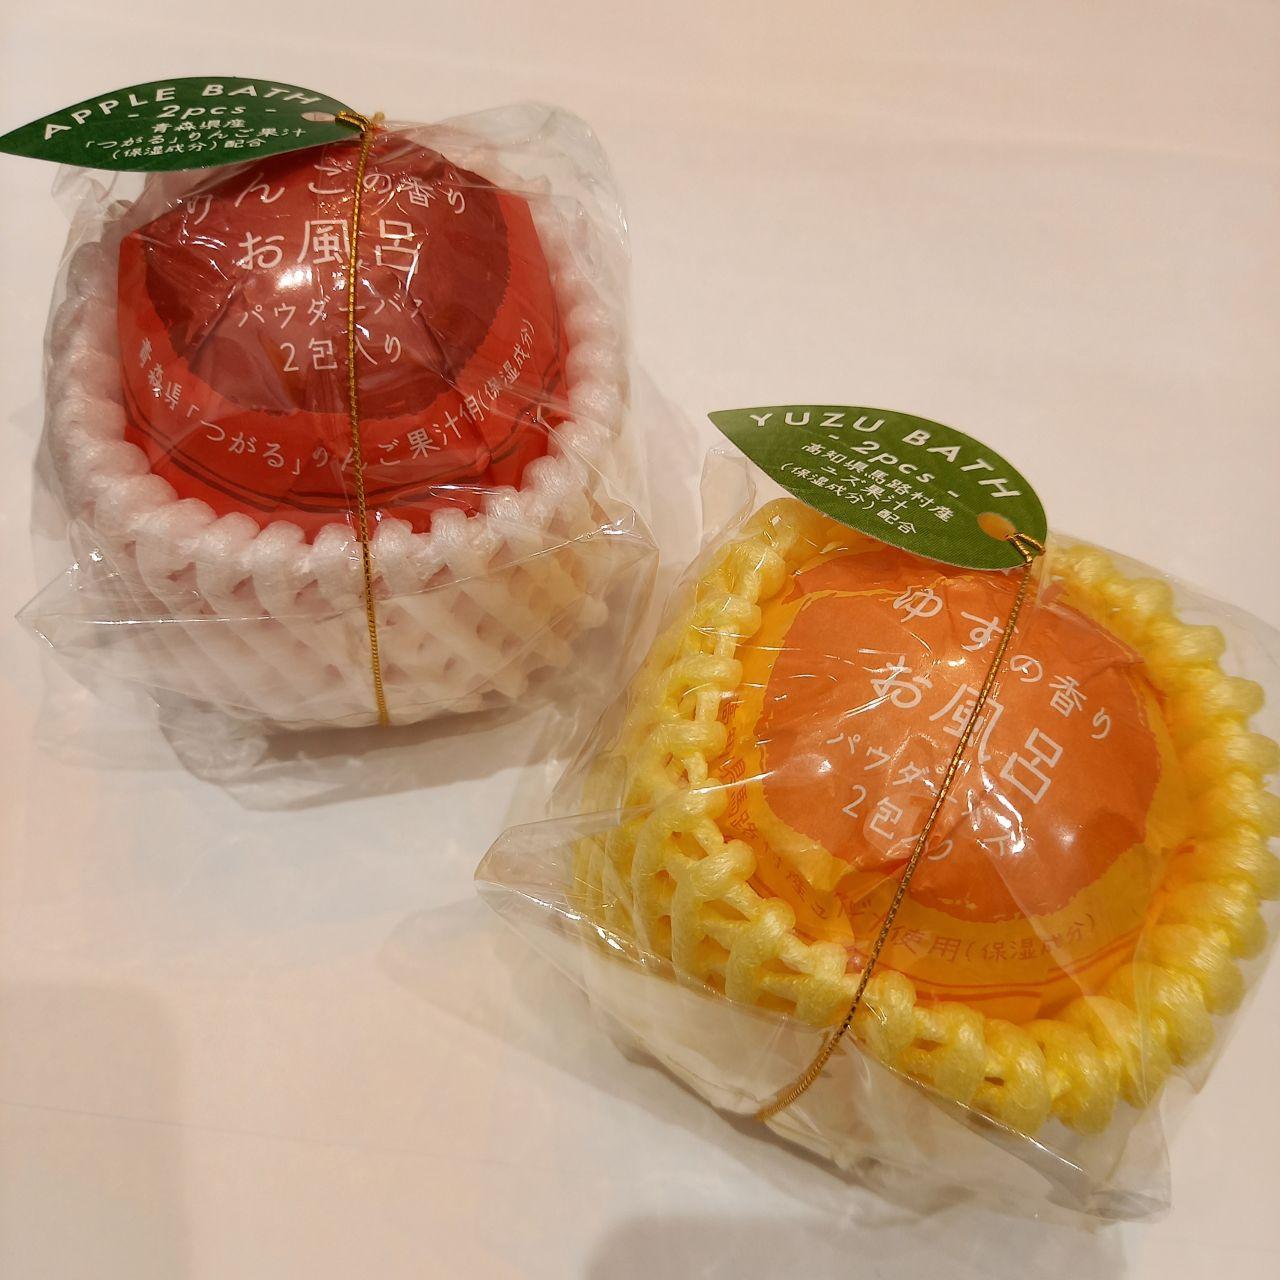 「りんごと柚子の販売はじめました!?」の写真